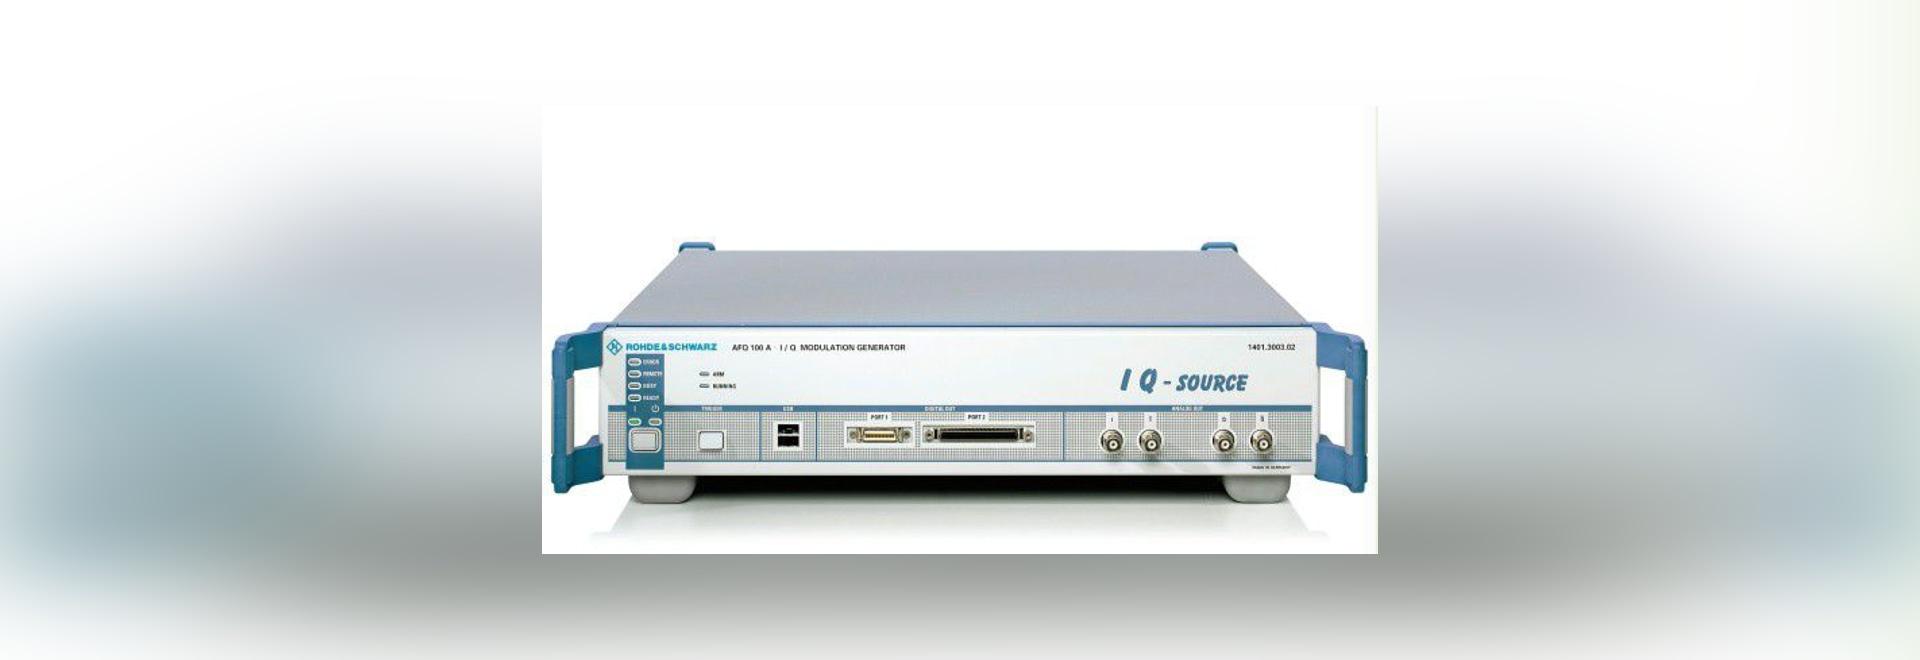 NOUVEAU : générateur de signaux par Rohde Schwarz